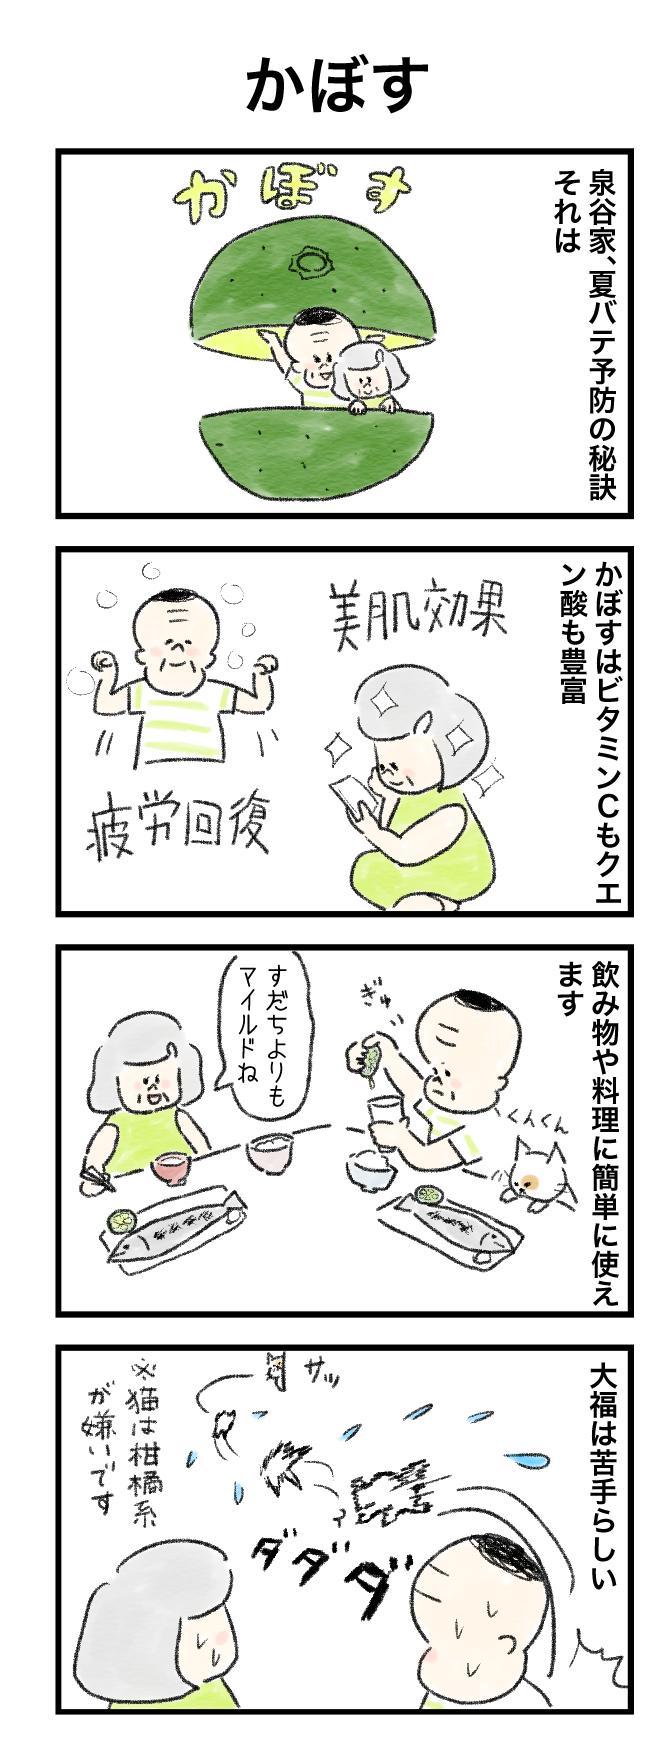 今日の泉谷さん【43】 作:カワサキヒロシ「かぼす」